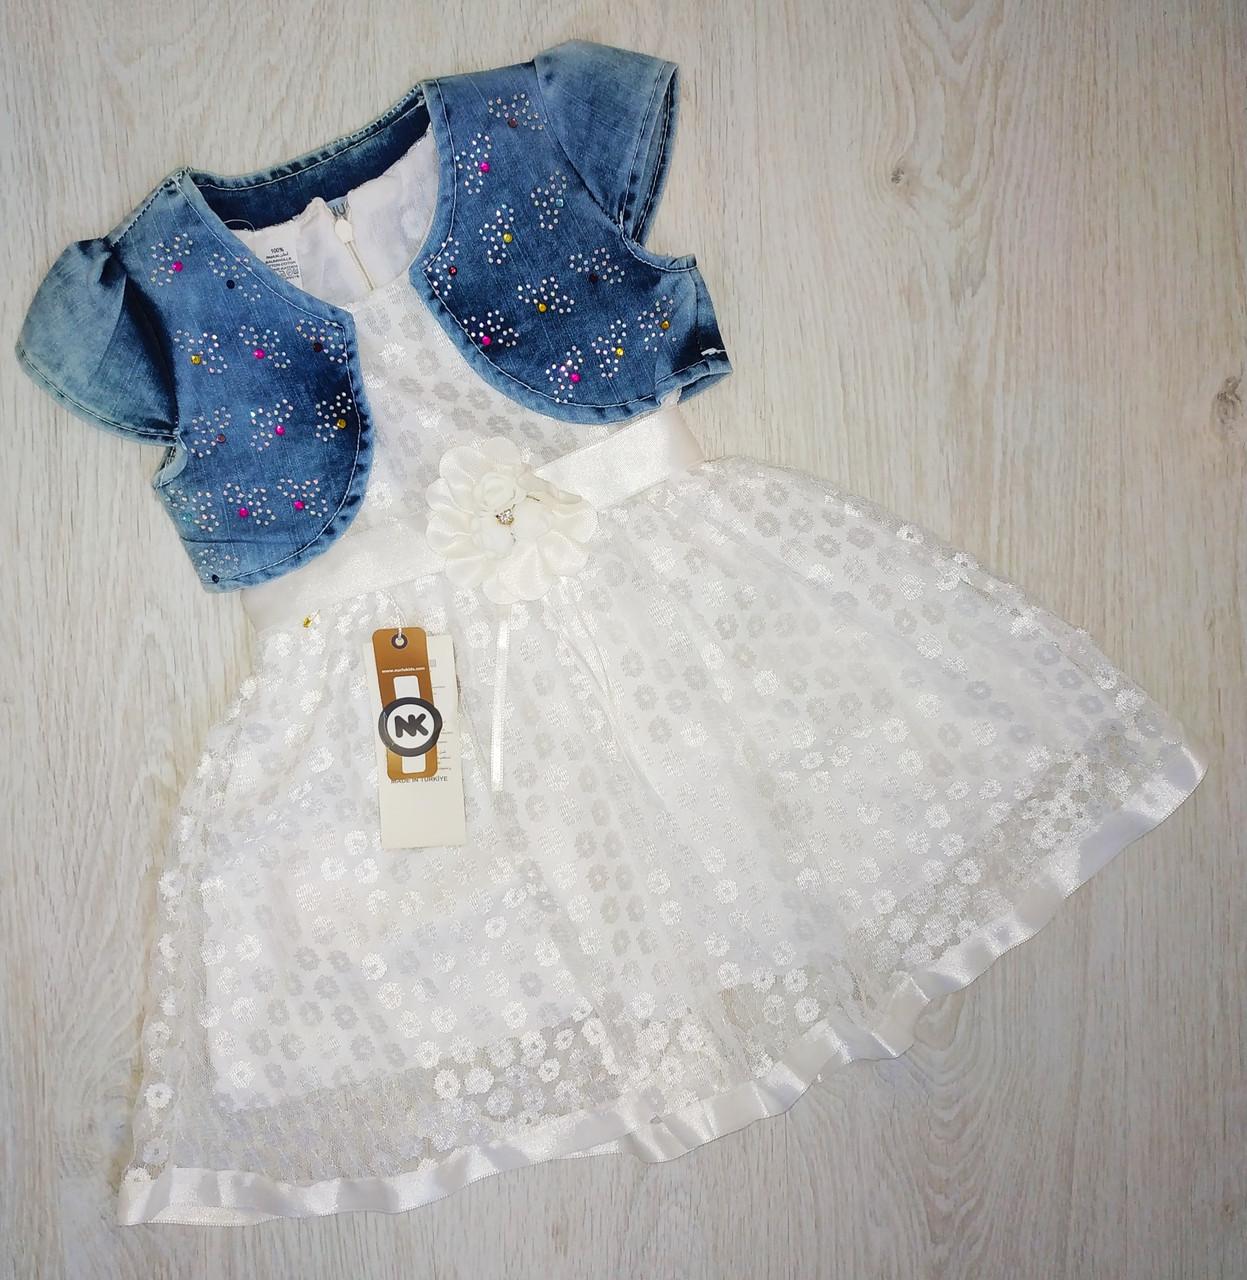 Платье + болеро для девочки, Турция, Babexi, рр. 2-3-4 года, арт. 7567,